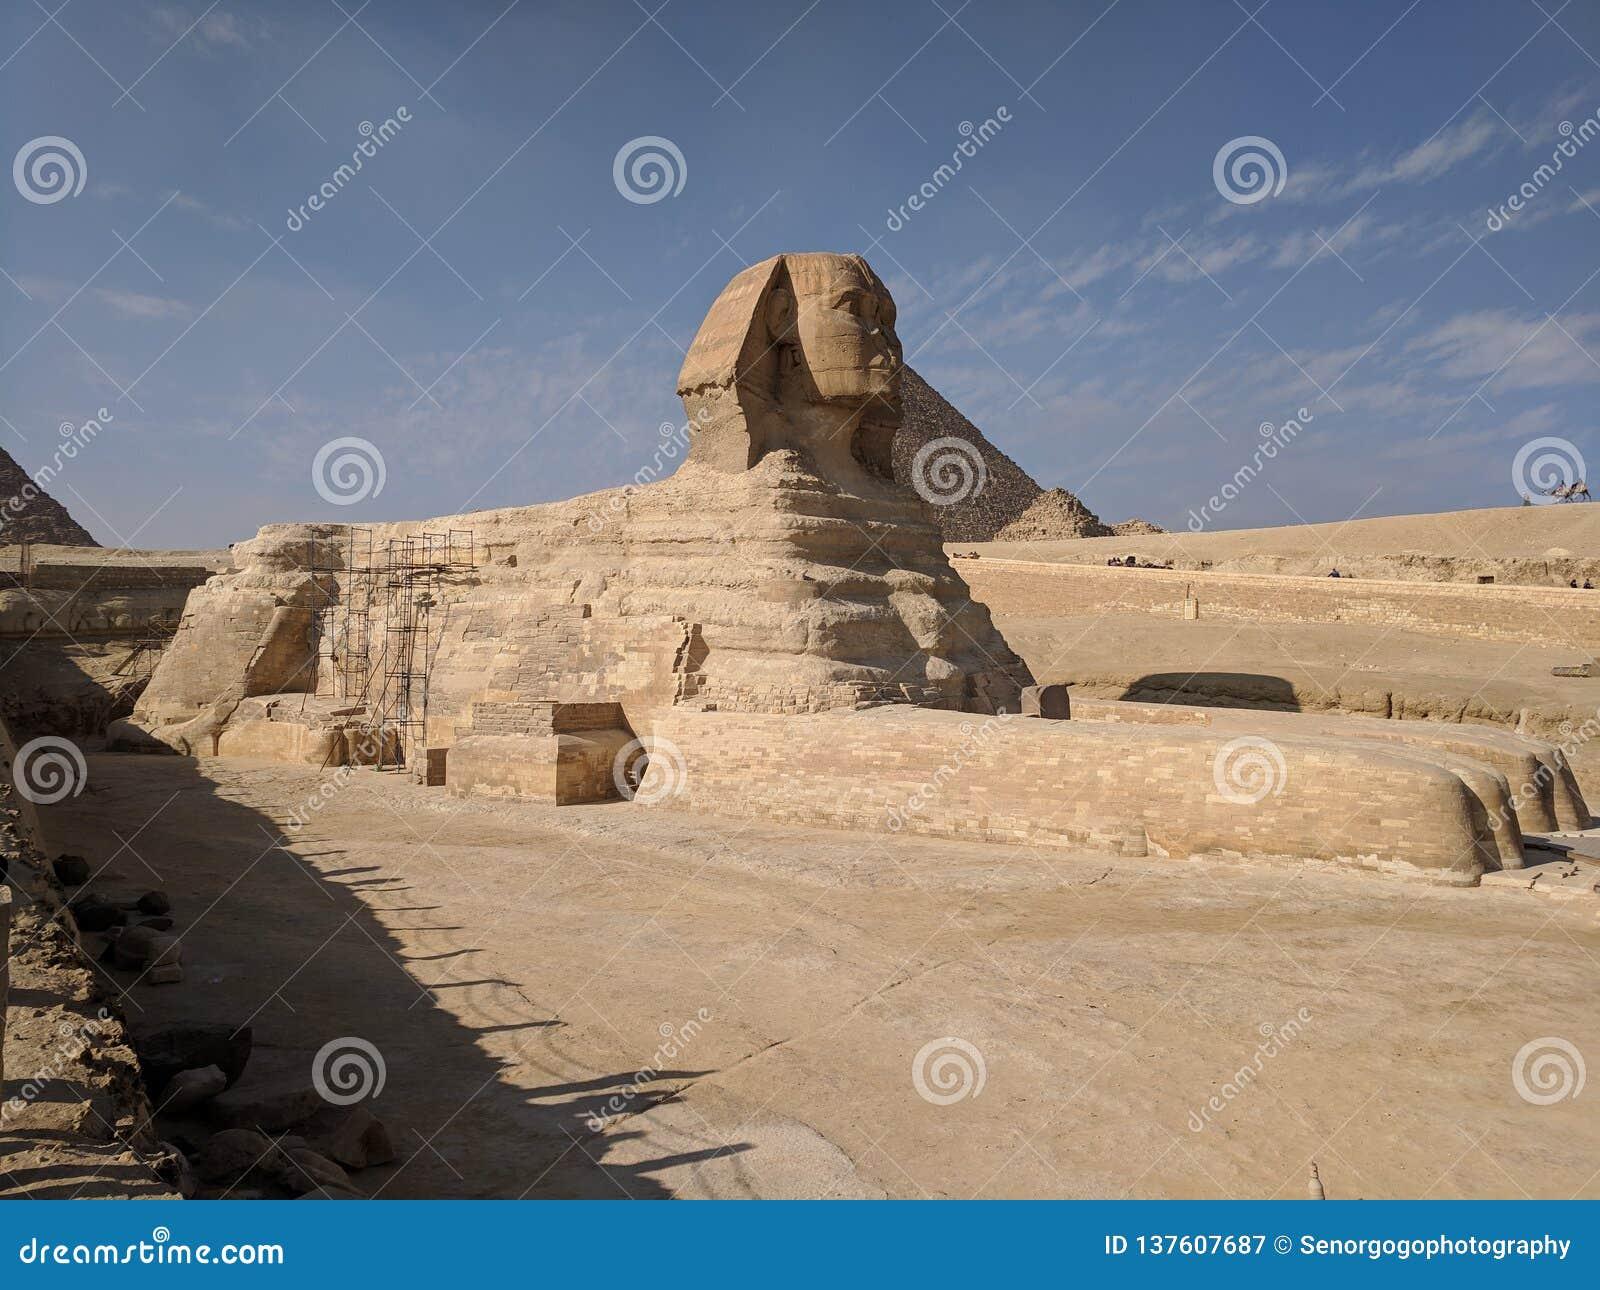 Sphinxs с пирамидой на заднем плане